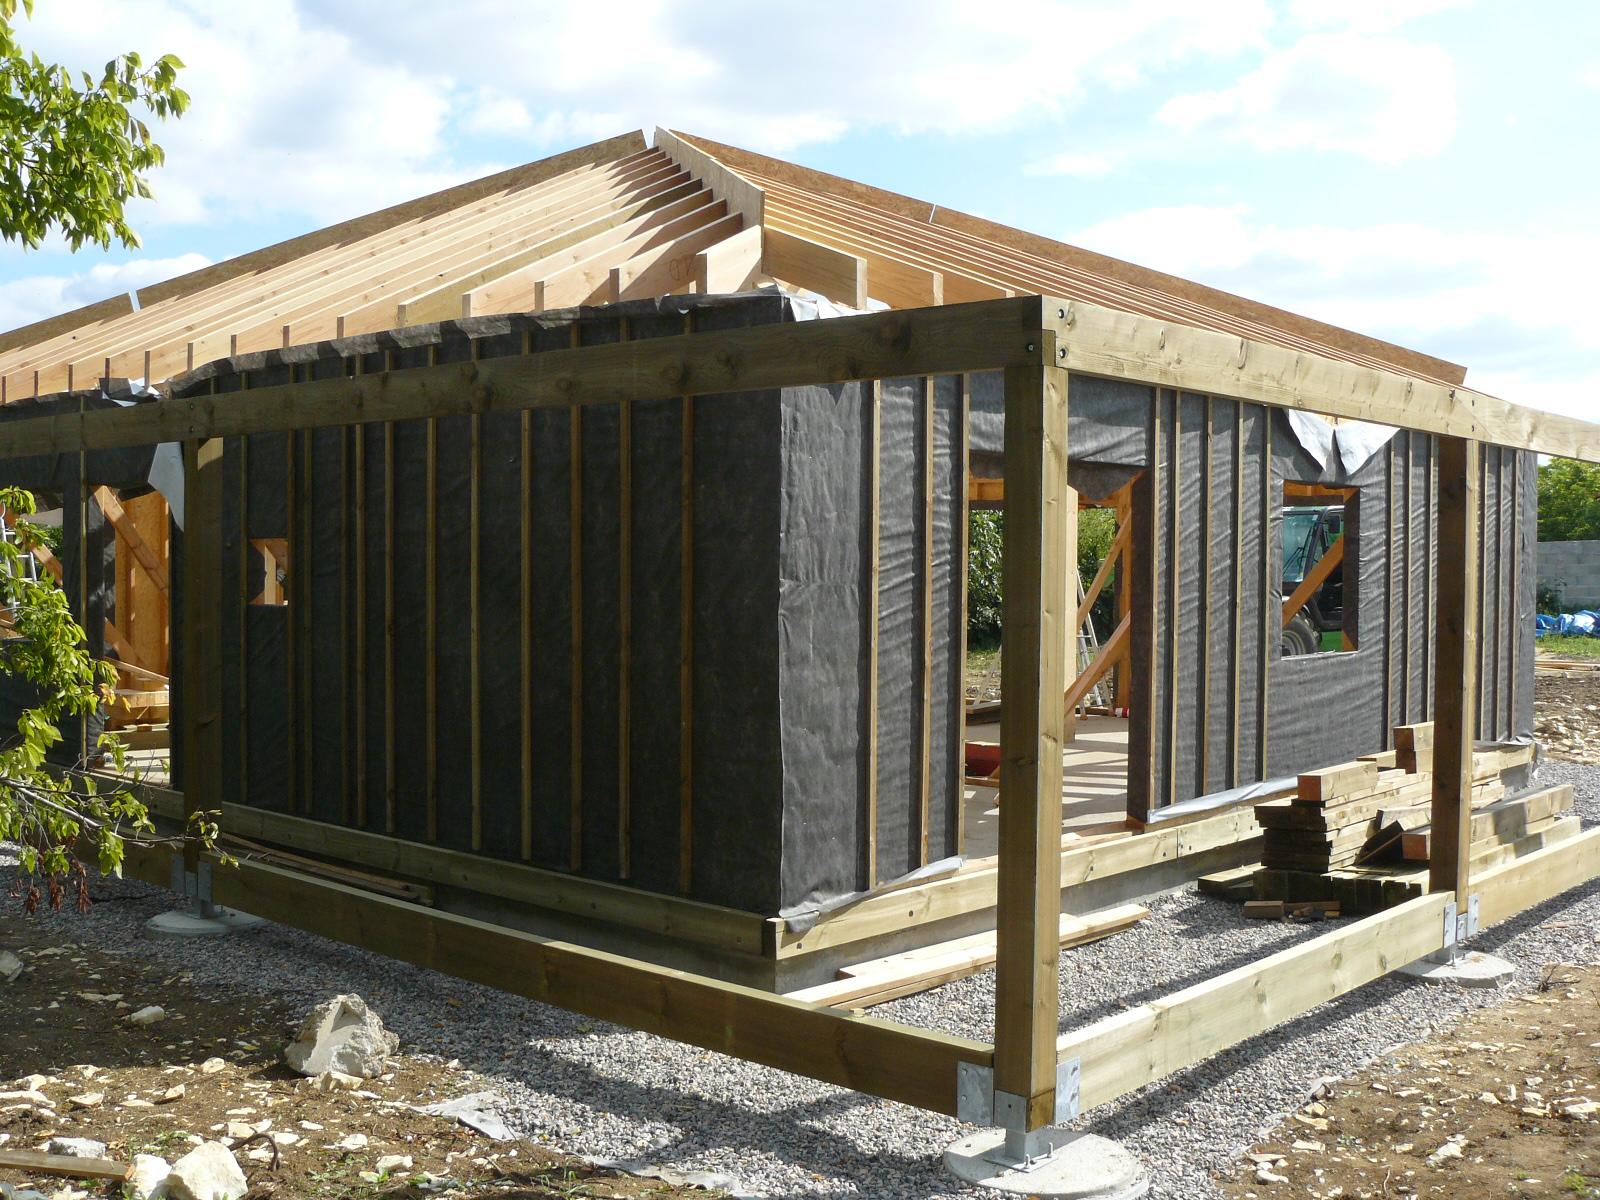 Fazele constructive ale unei case din lemn la cheie NATURAL LIVING - Poza 46